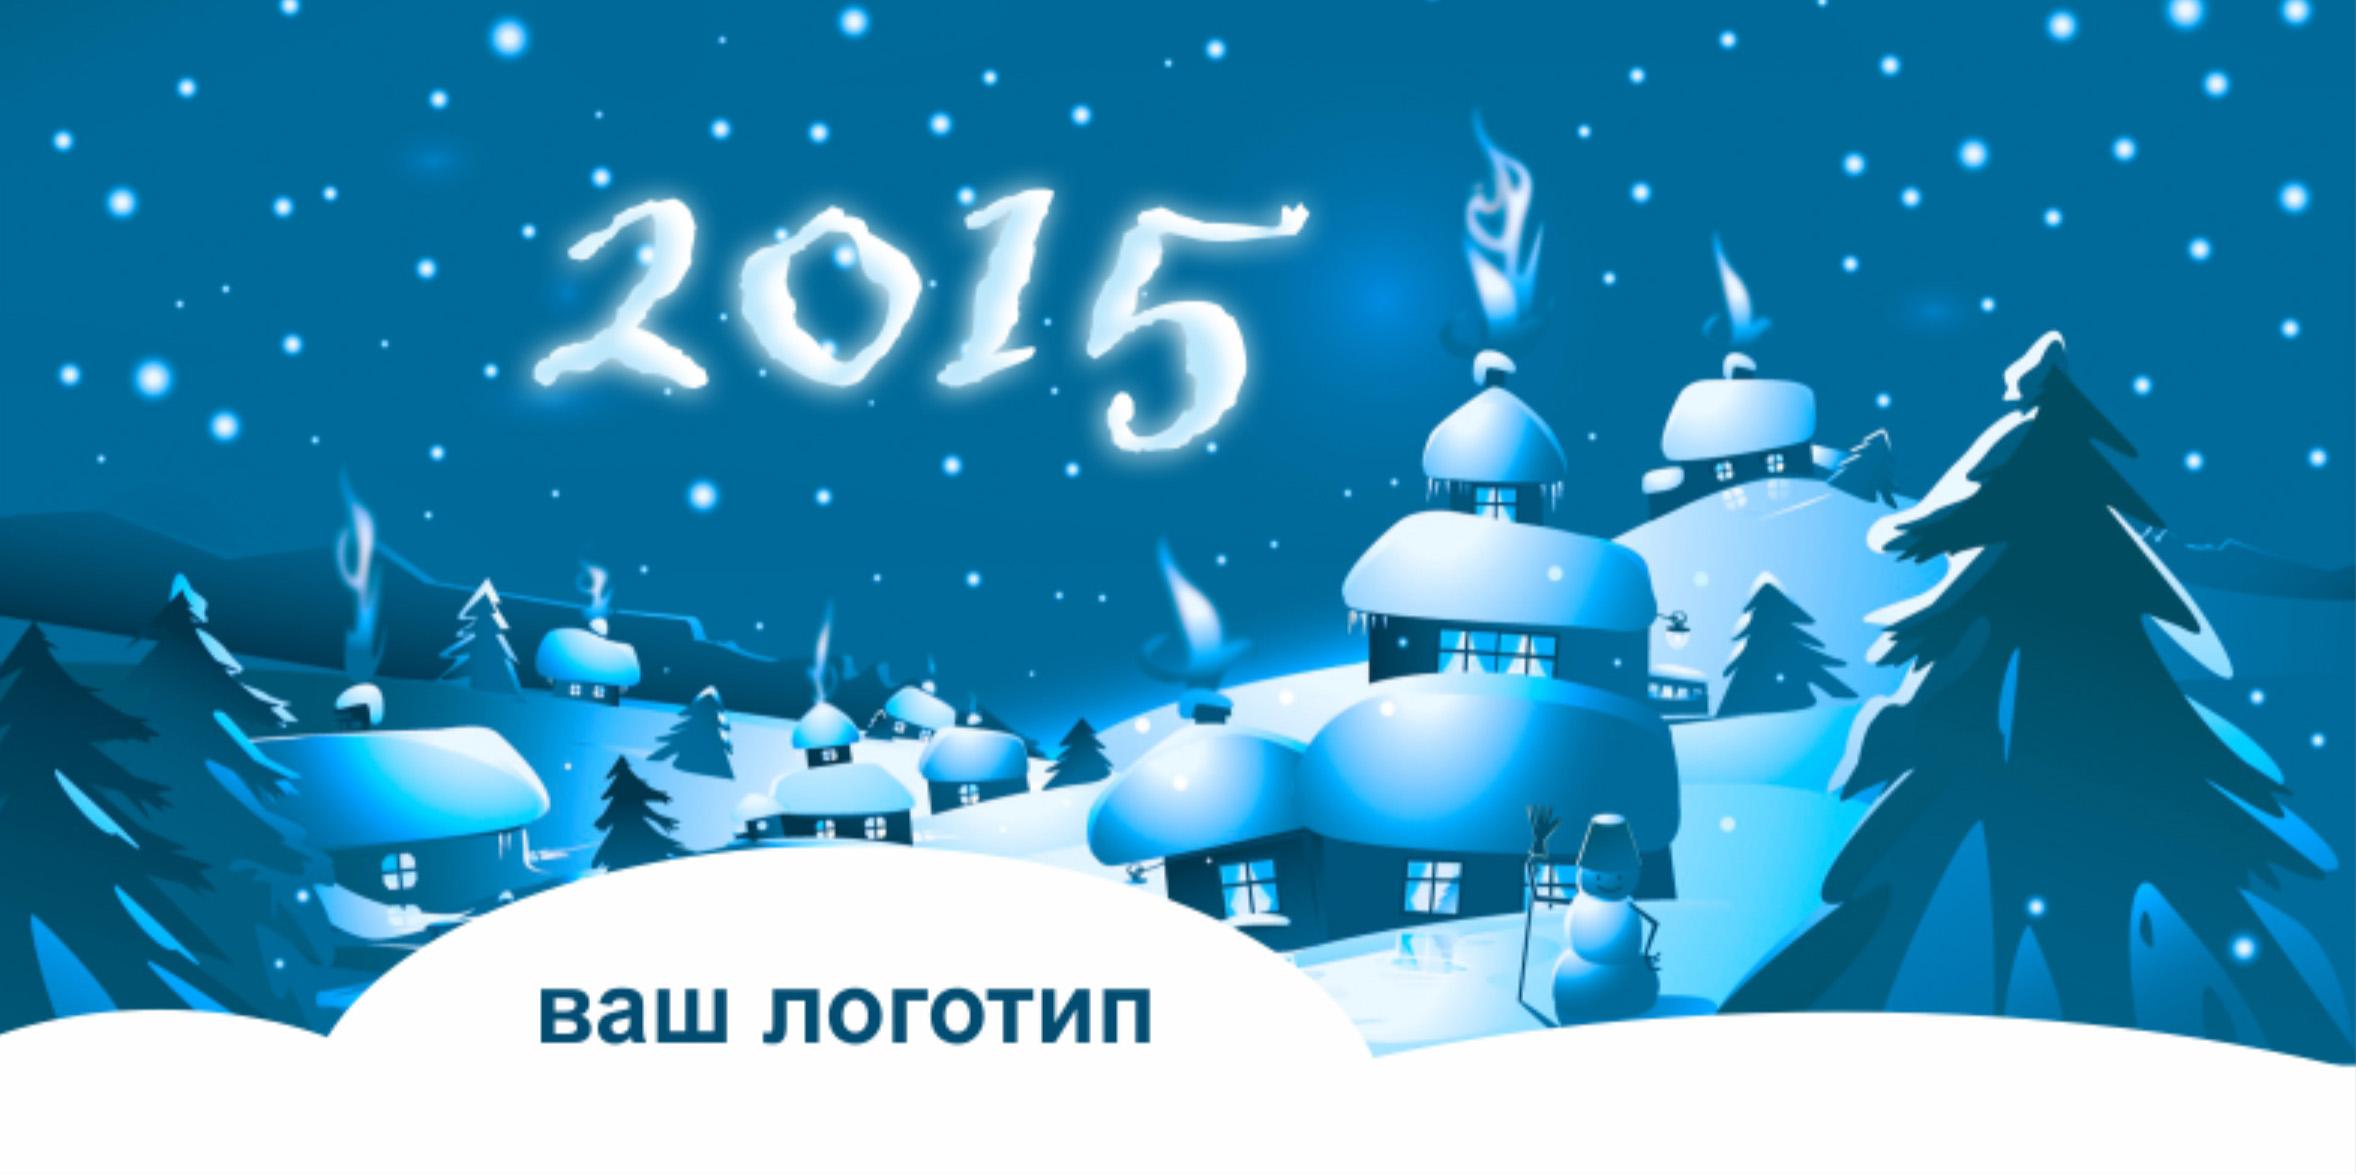 Новогодние открытки шаблоны 2015